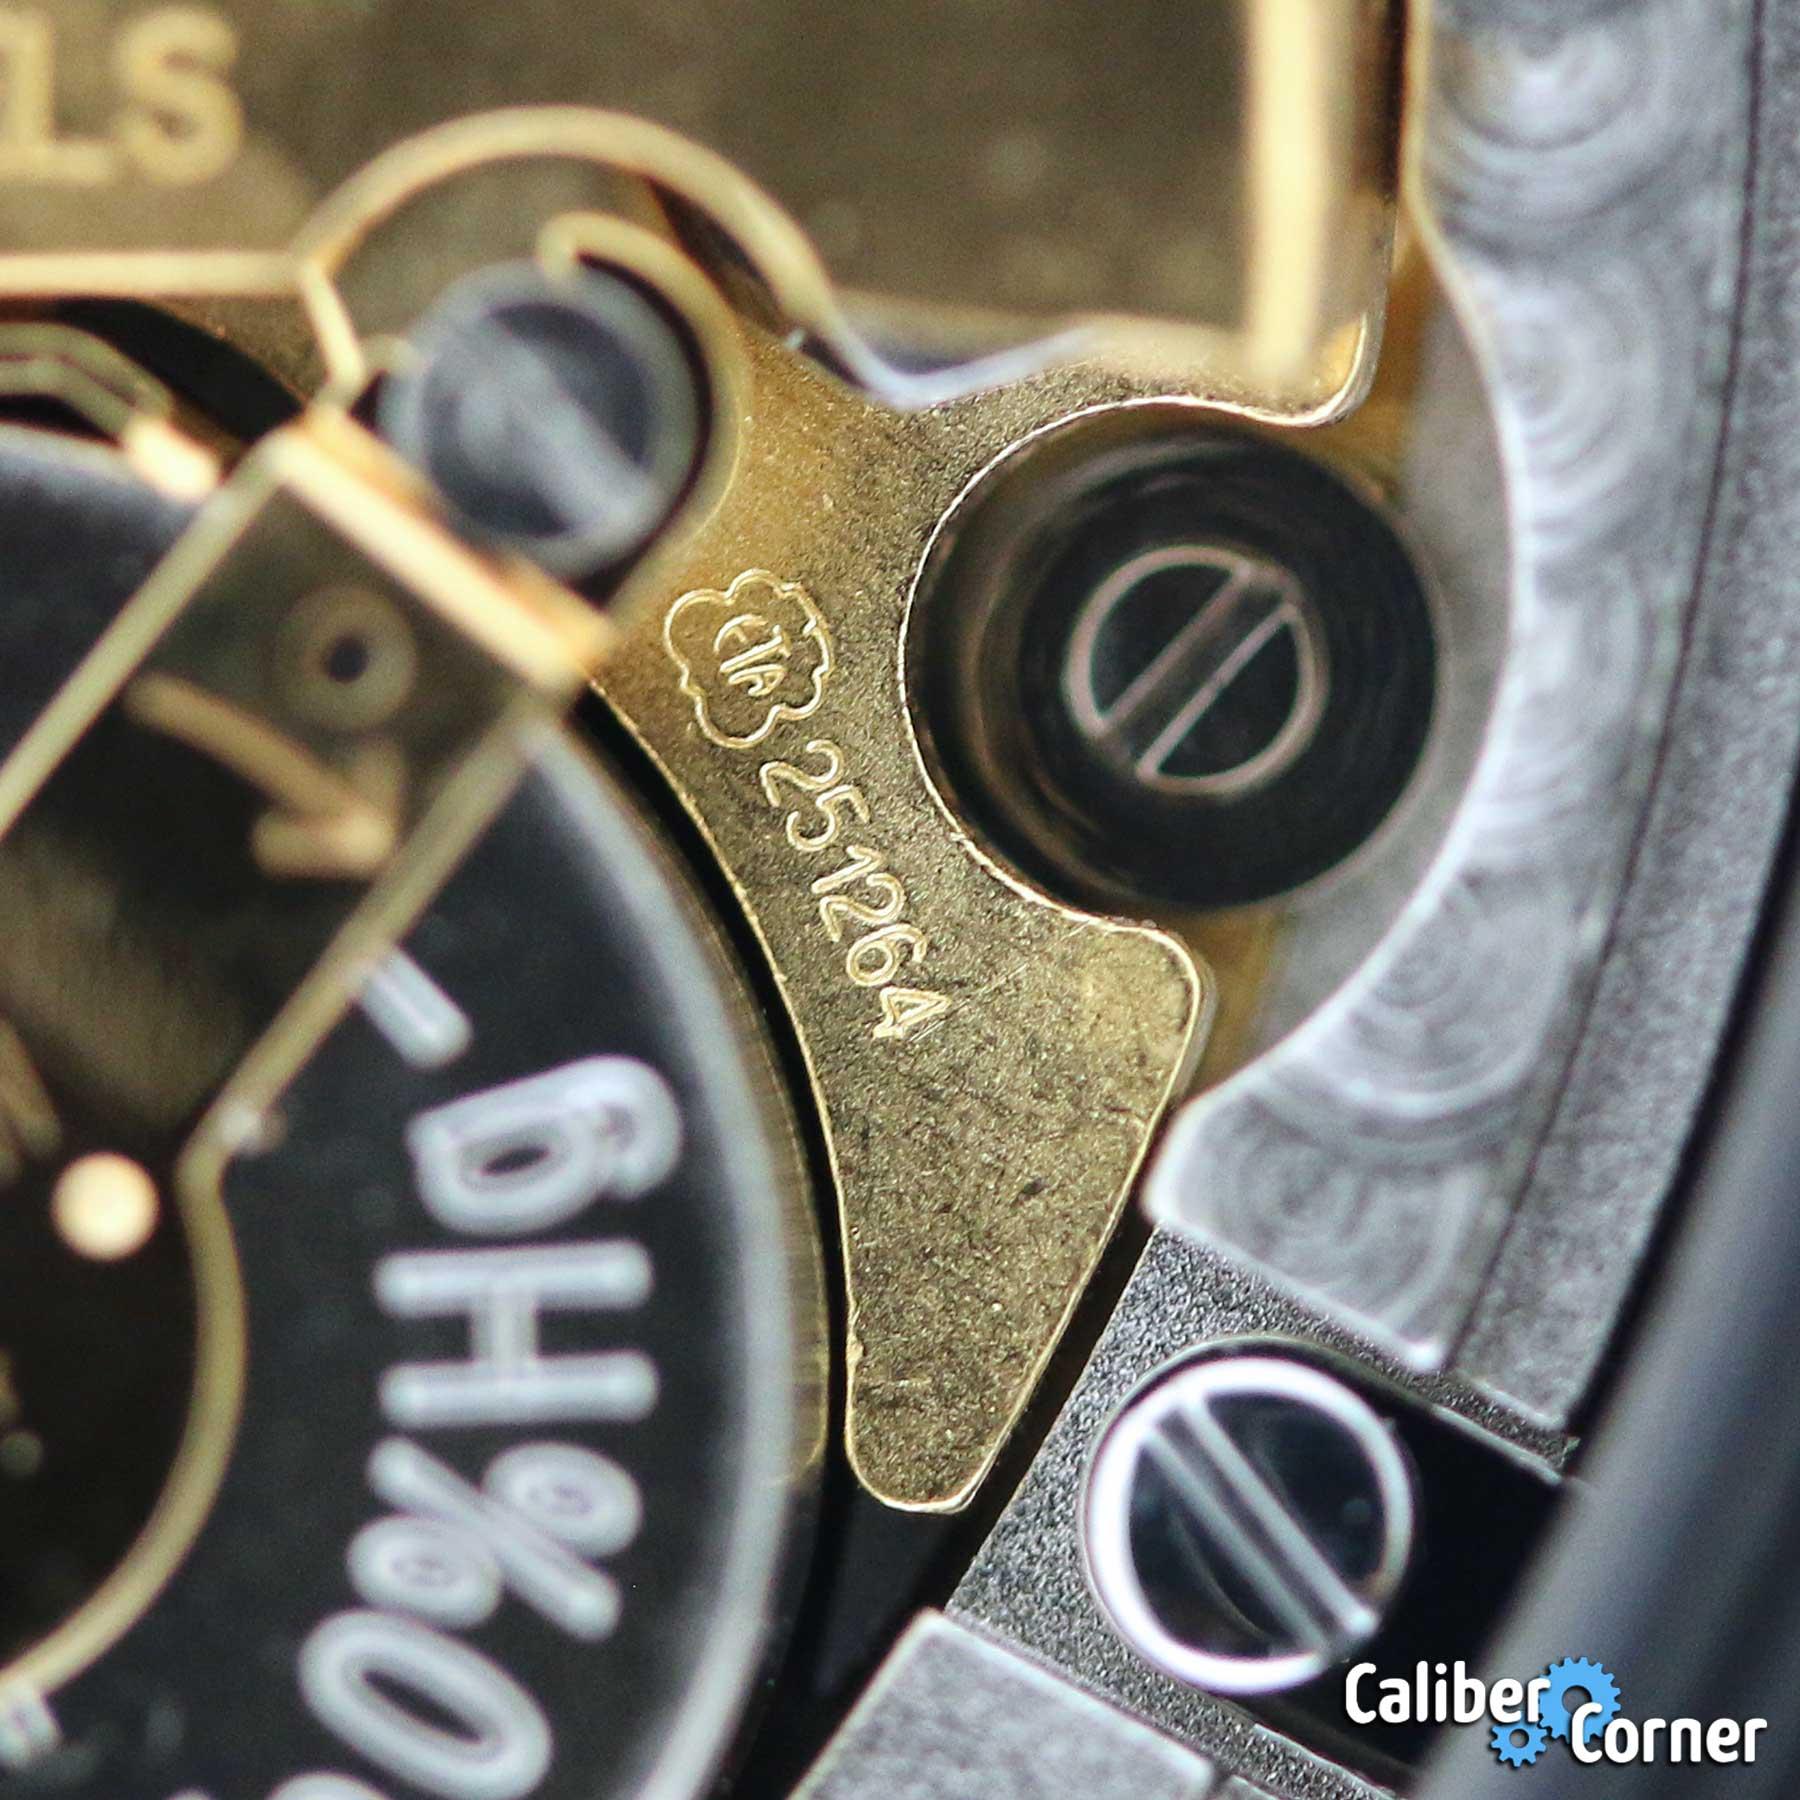 Breitling Caliber 73 251264